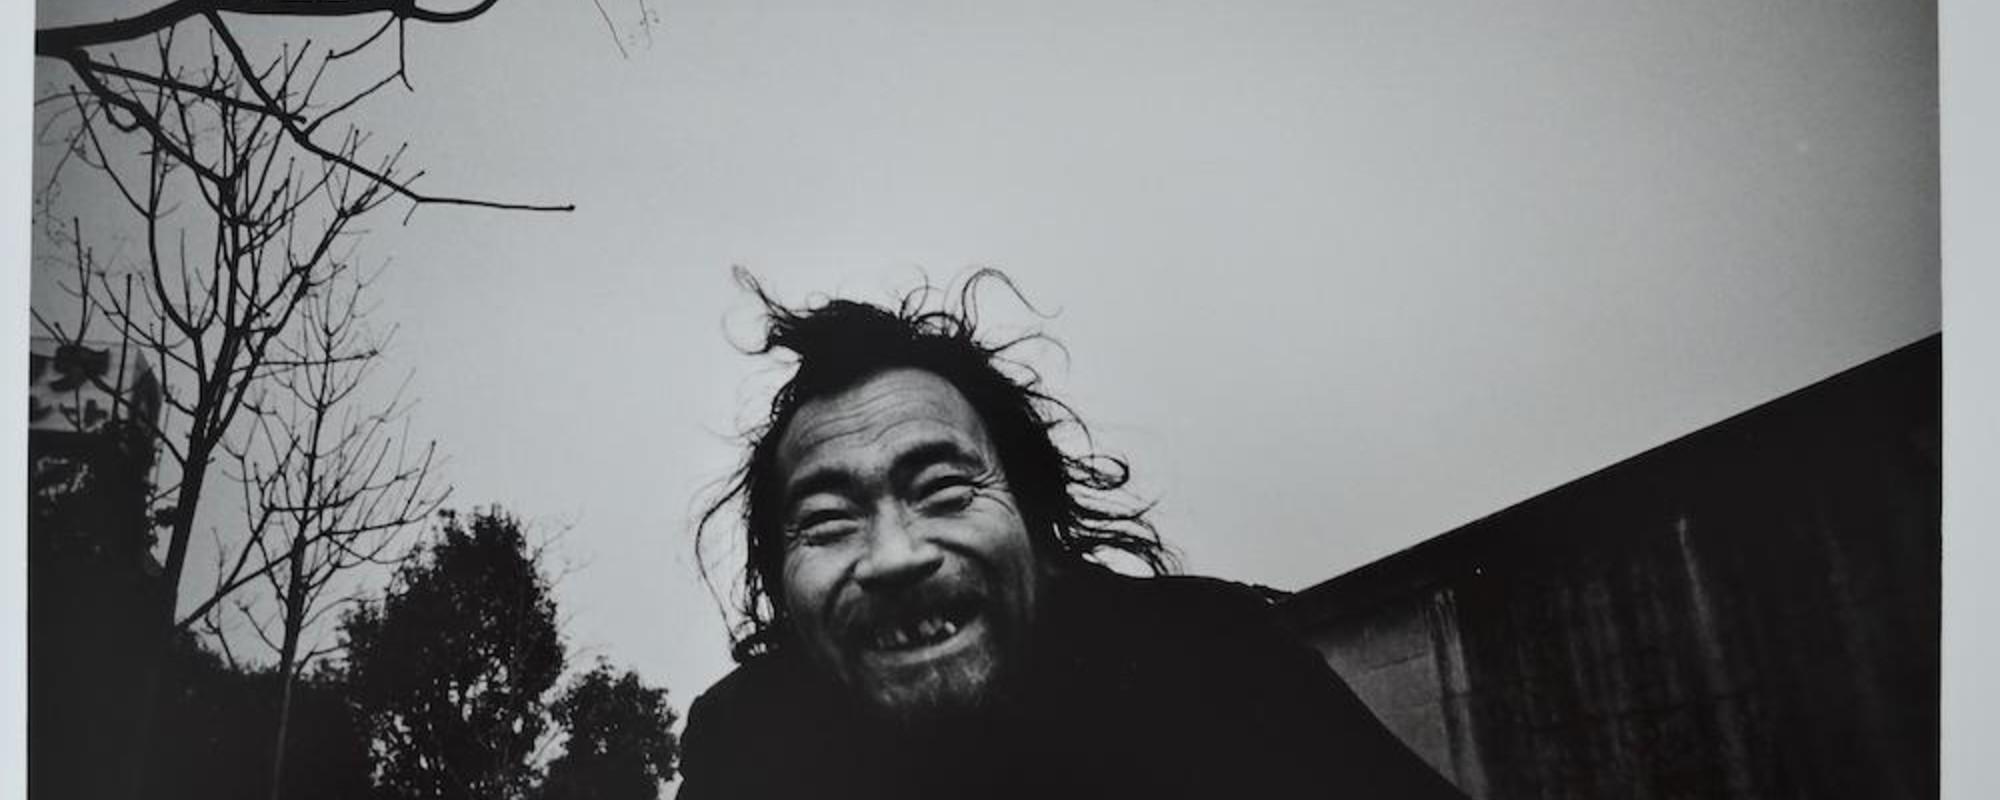 Fotografii dubioase și violente cu oamenii de pe străzile din Tokyo, din anii '80